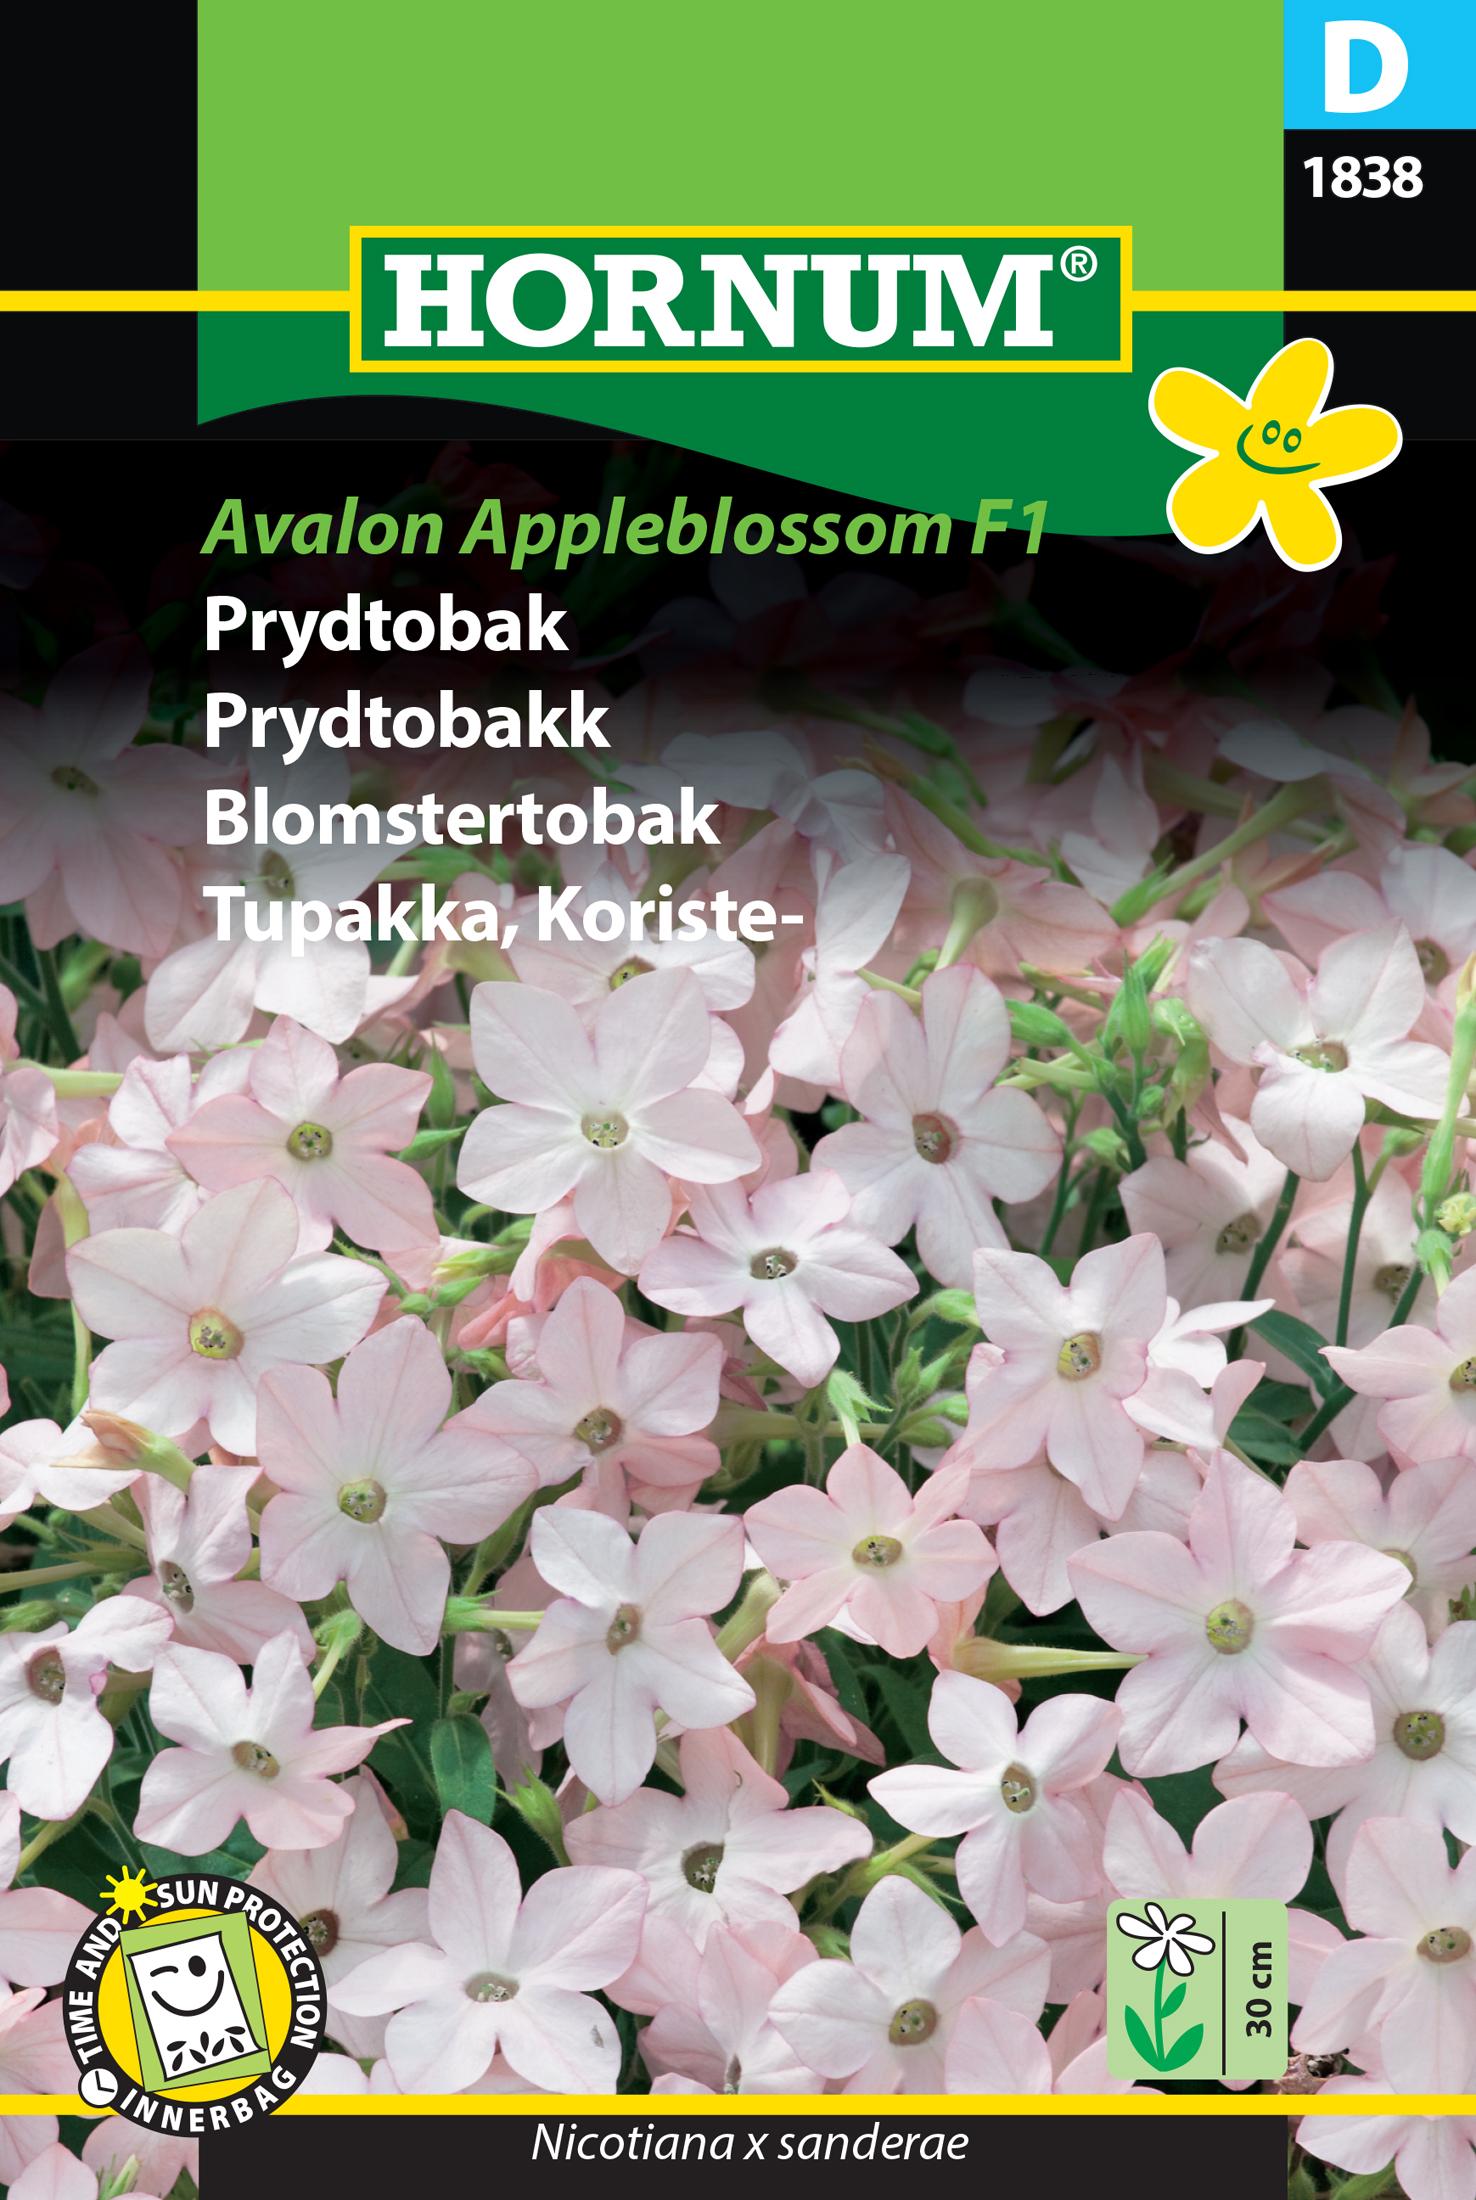 Blomstertobak 'Avalon Appleblossom' F1